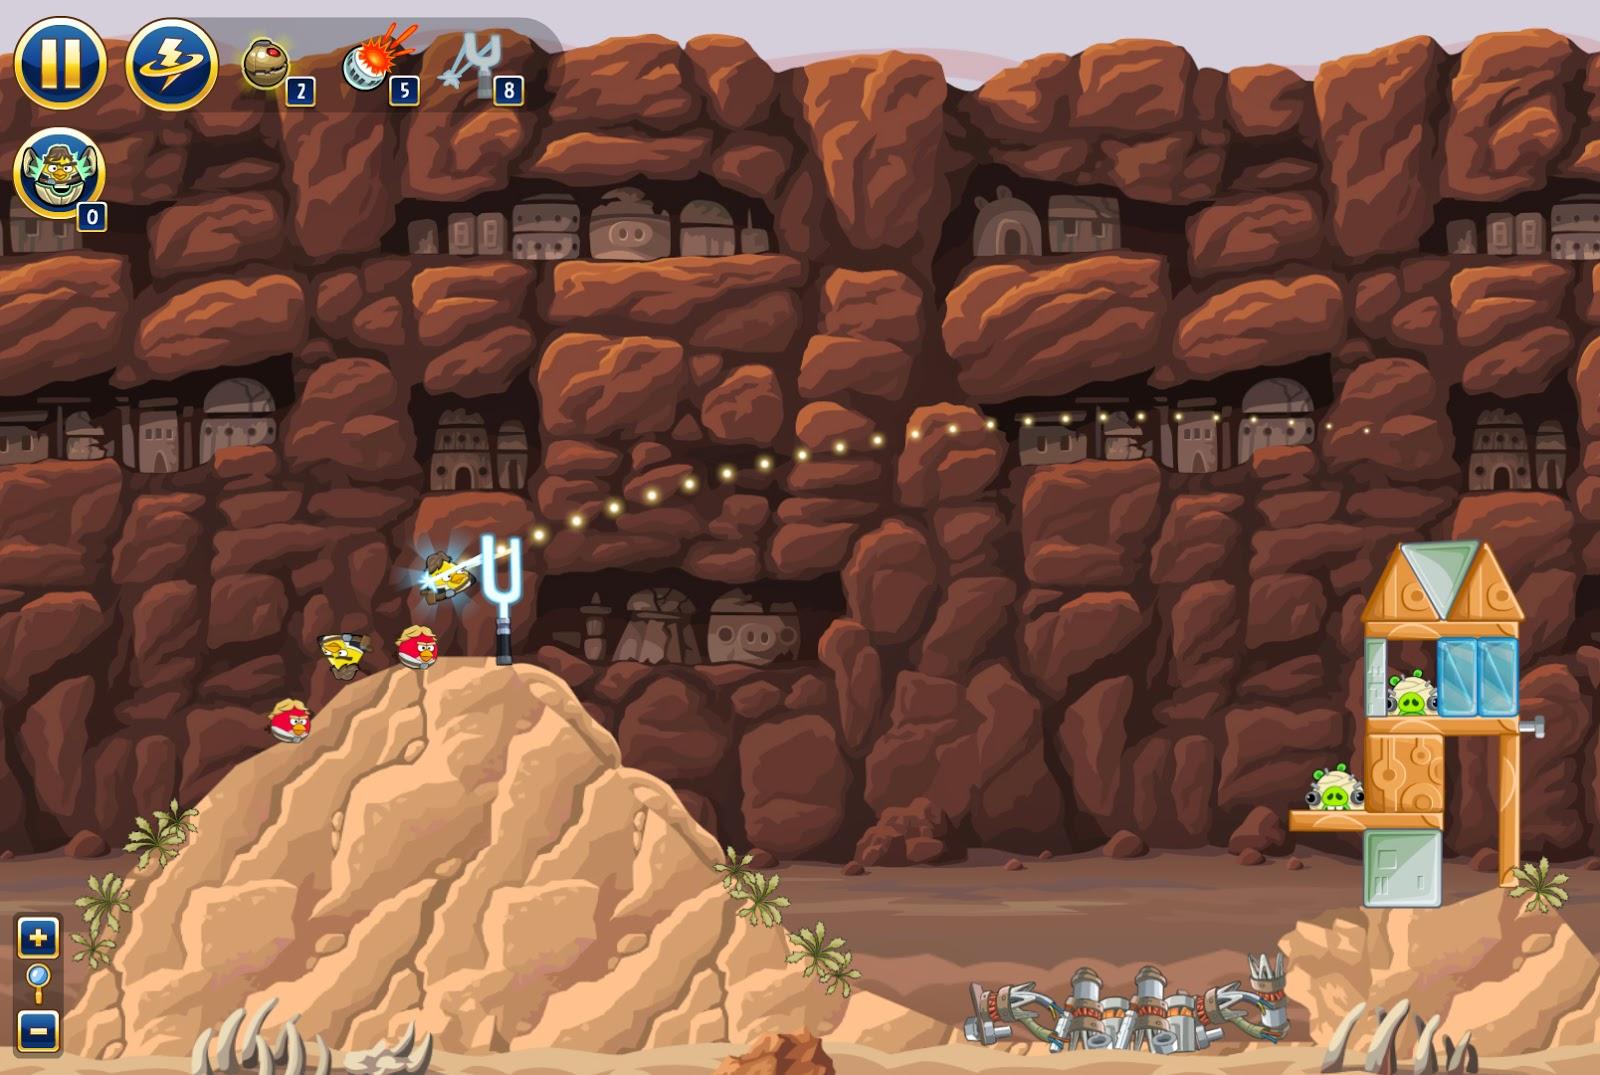 Angry Birds star wars مظغوطة,بوابة 2013 AngryBirdsStarWarsLi